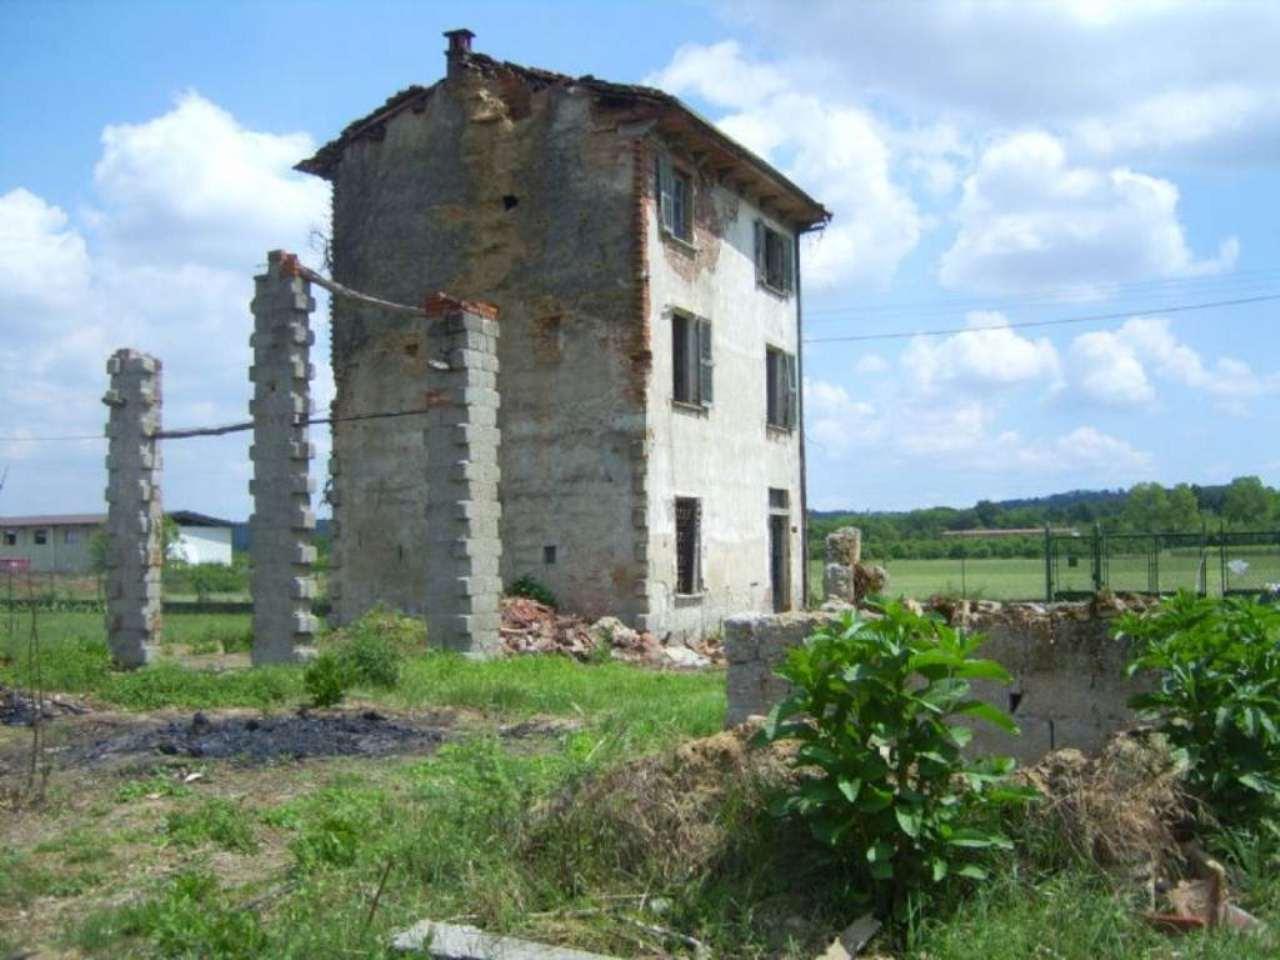 Rustico / Casale in vendita a Castelnuovo Bormida, 4 locali, prezzo € 48.000 | Cambio Casa.it